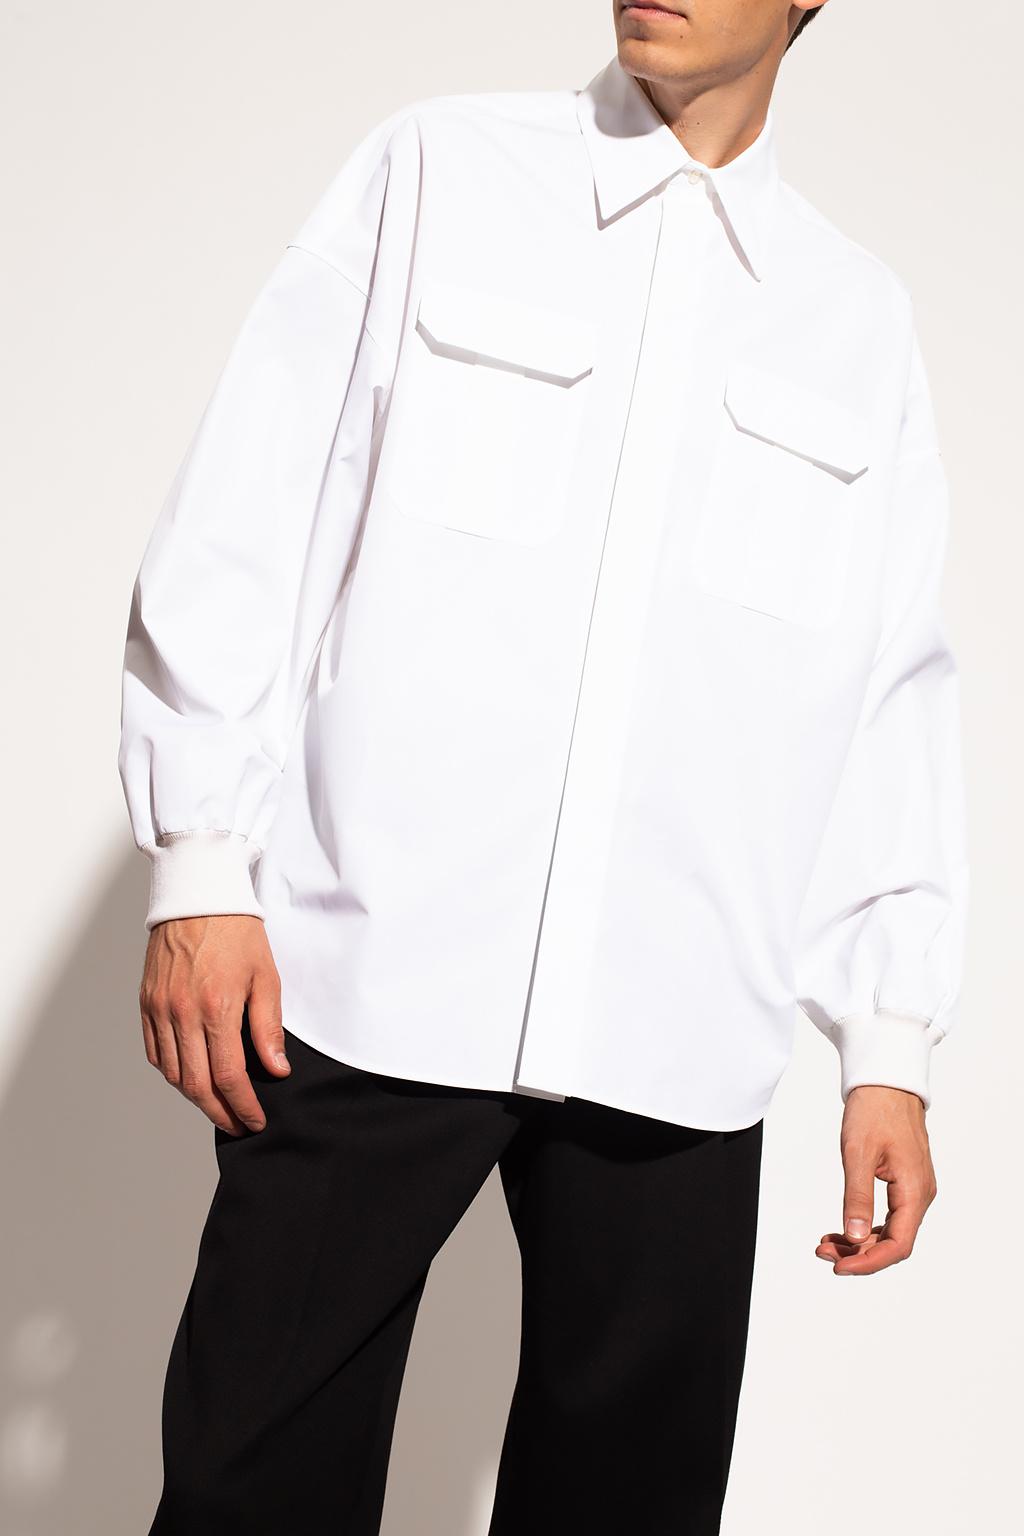 Alexander McQueen Shirt with pockets